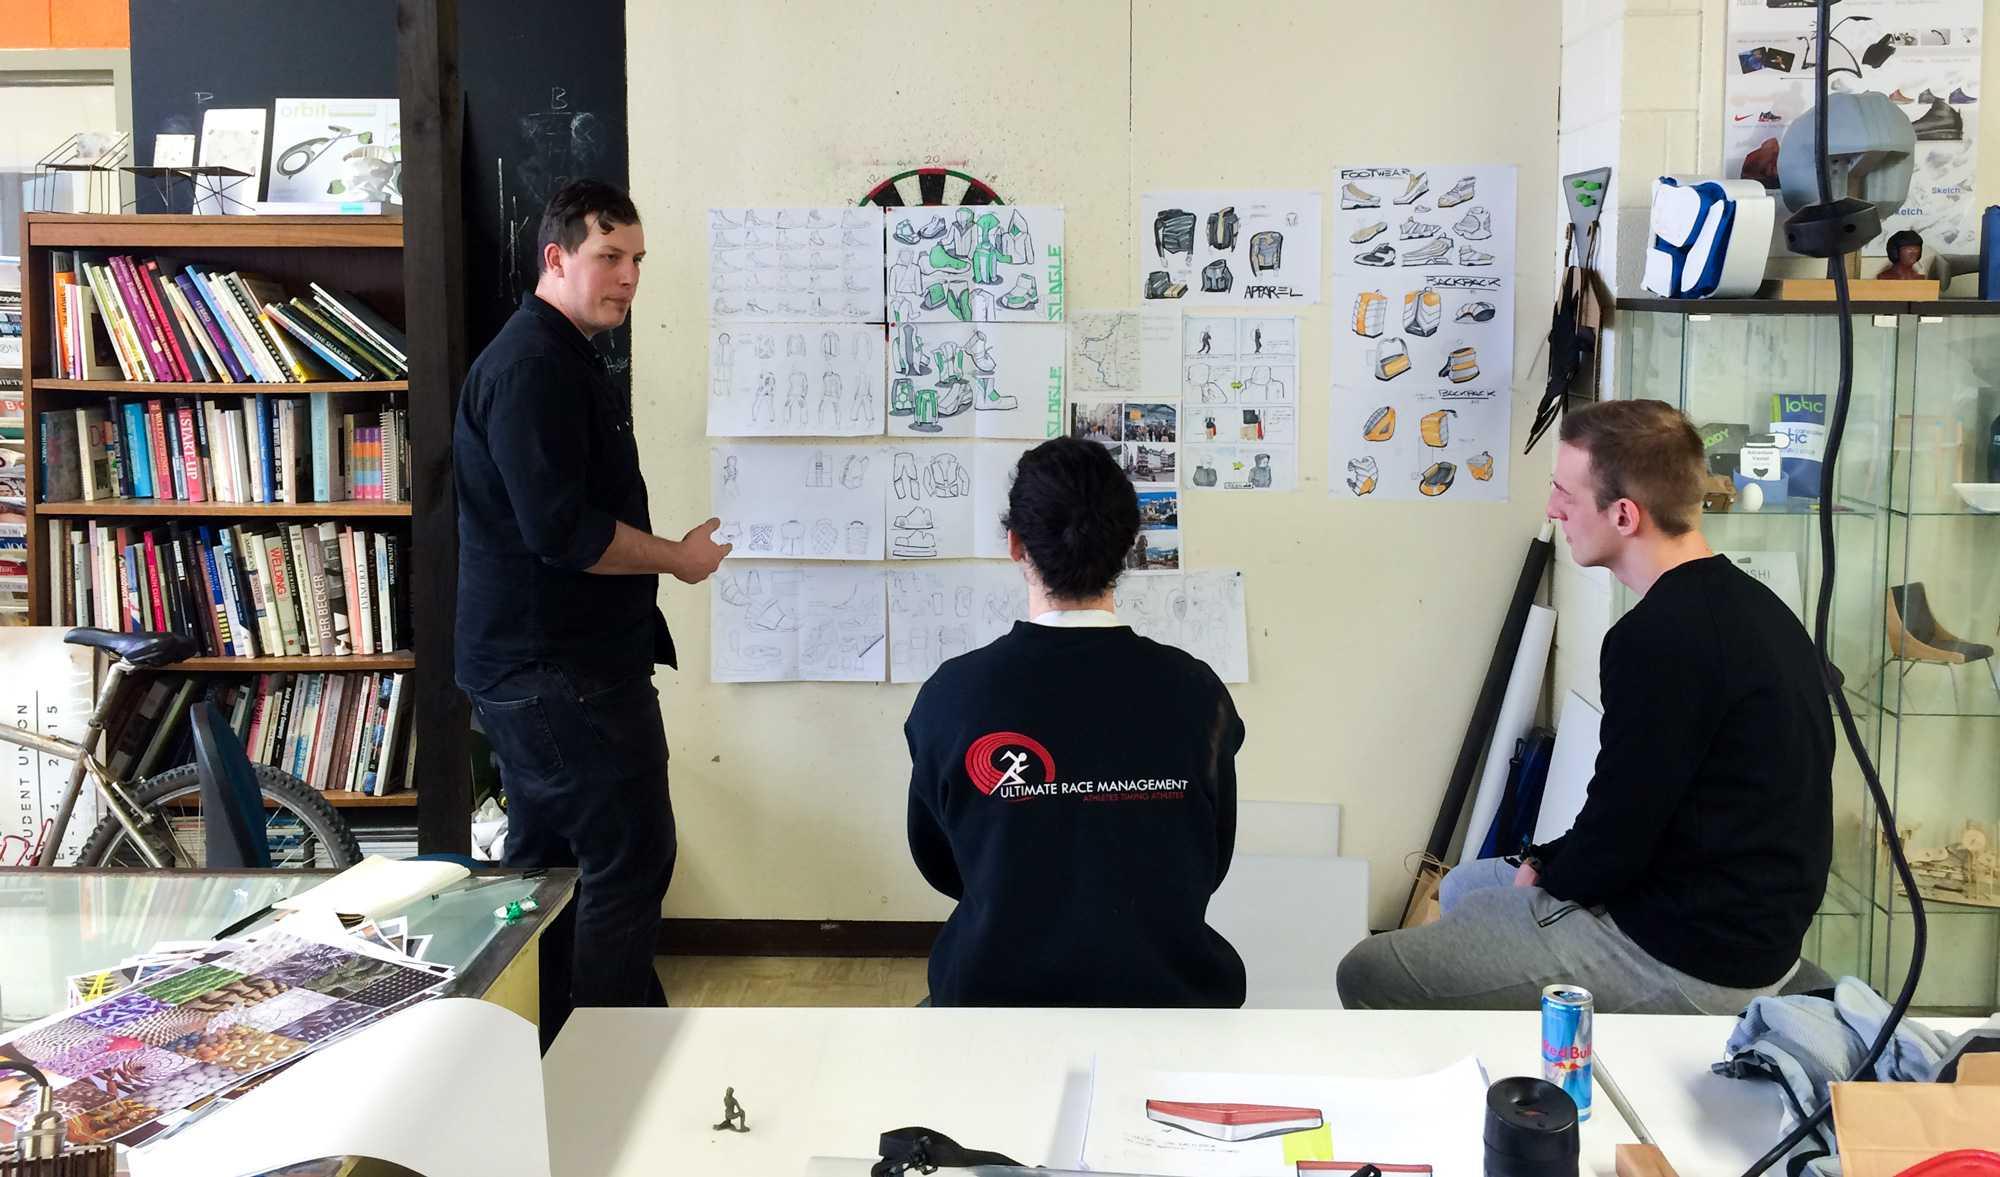 Industrial design's Reebok sponsored studio